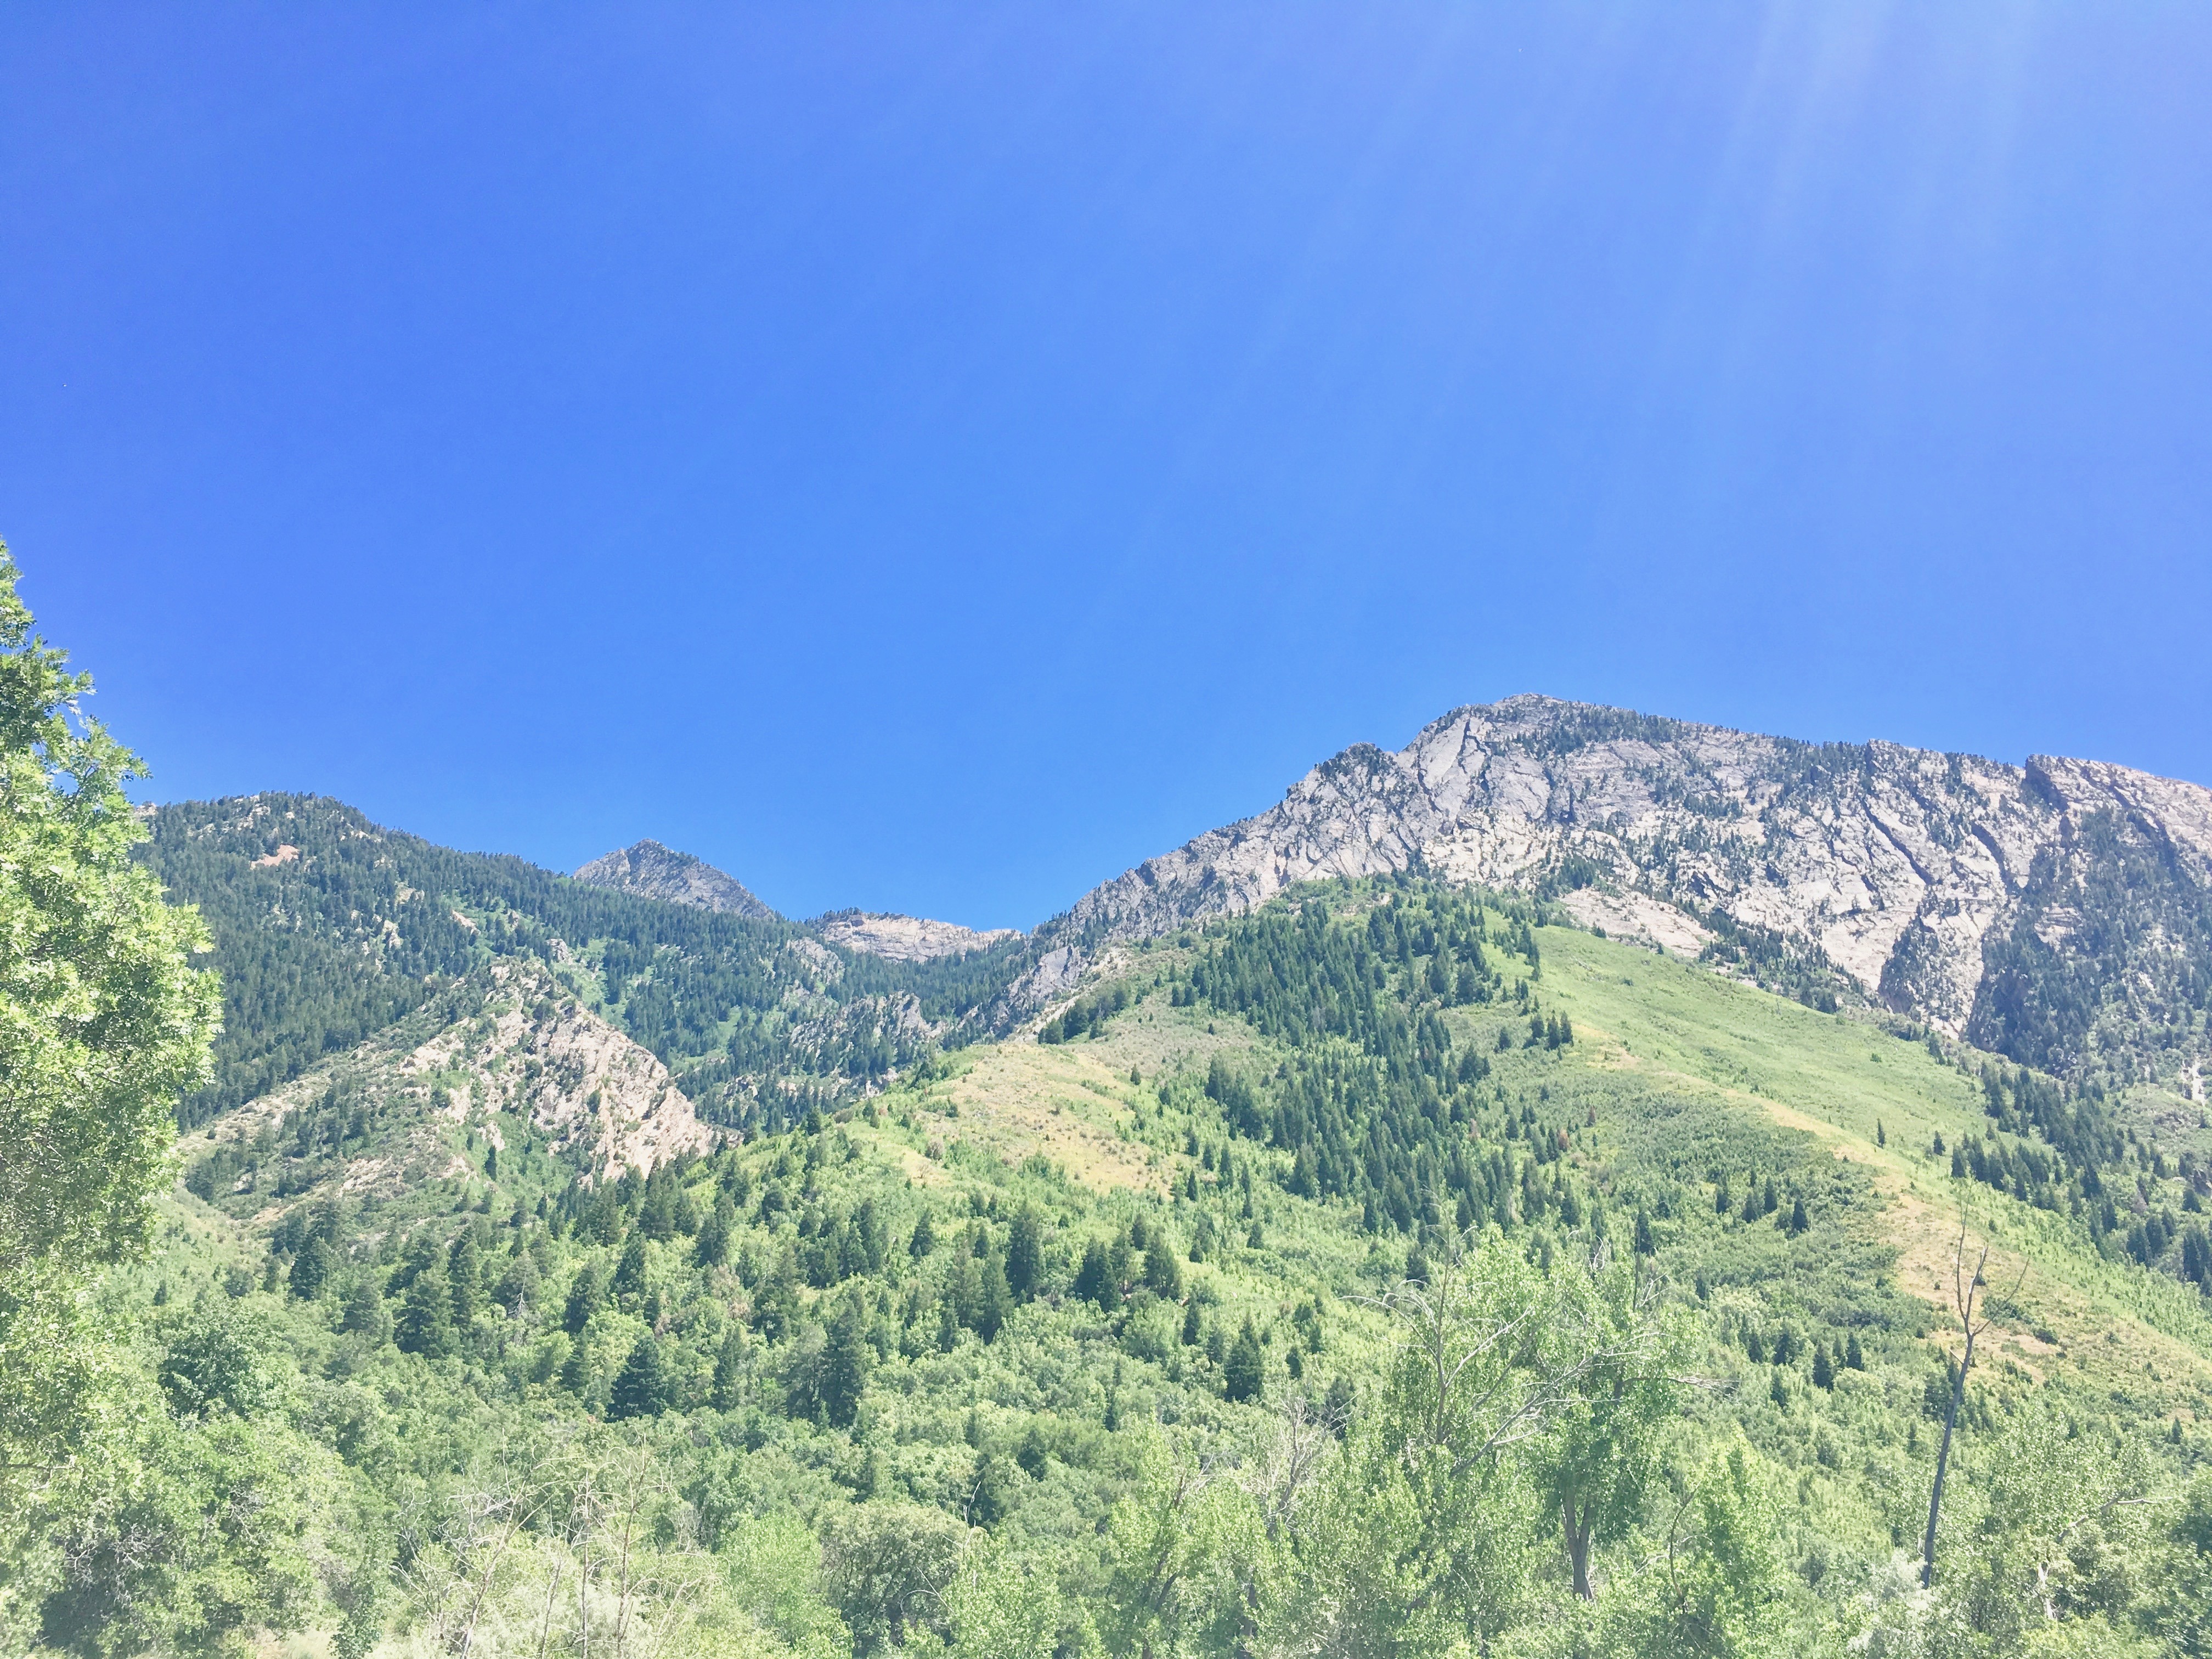 Utah Summer Visit 2018